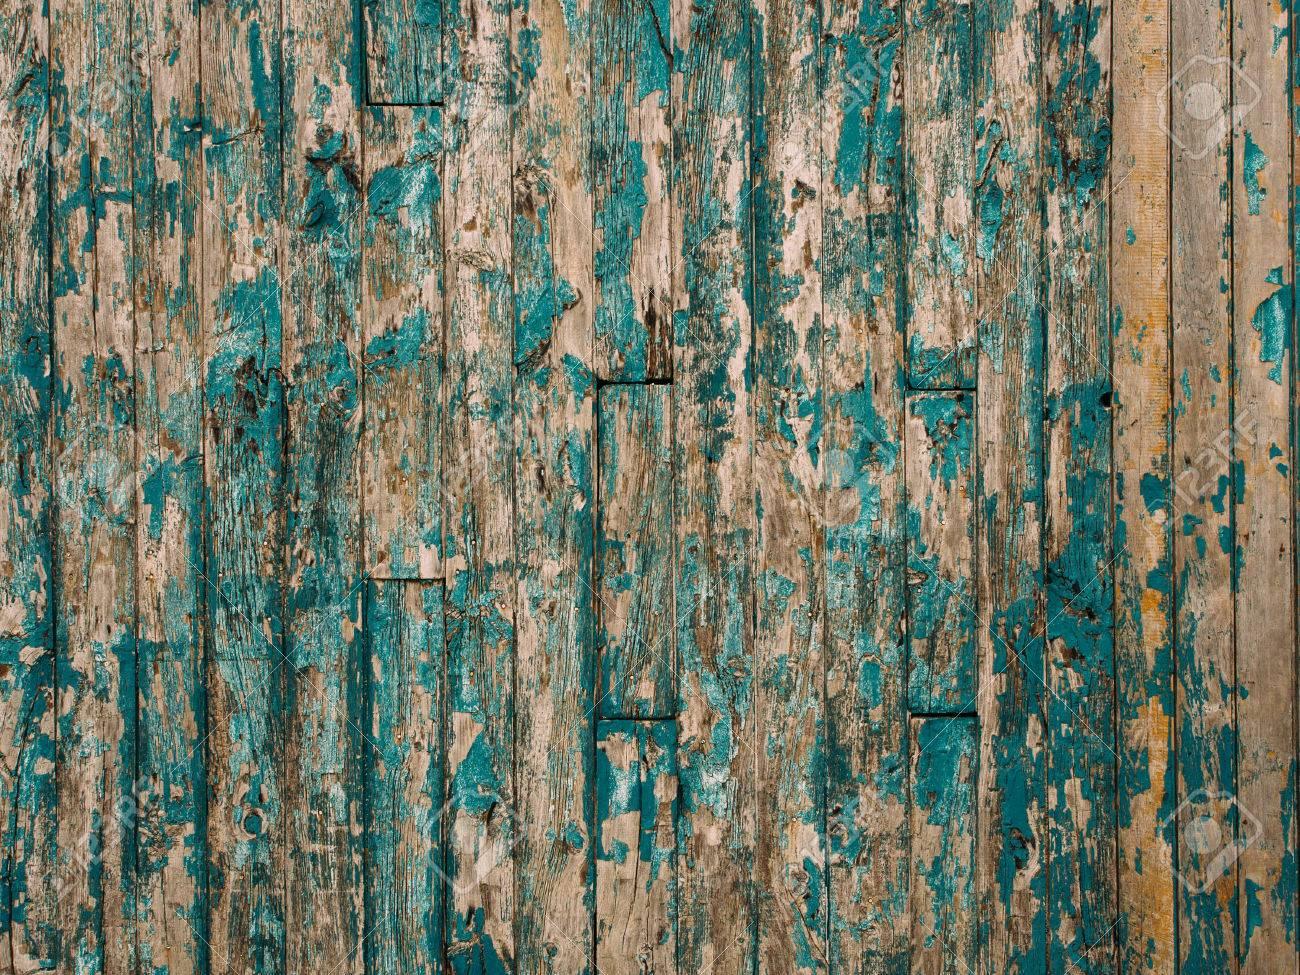 Grune Alte Gemalte Wand Holz Textur Lizenzfreie Fotos Bilder Und